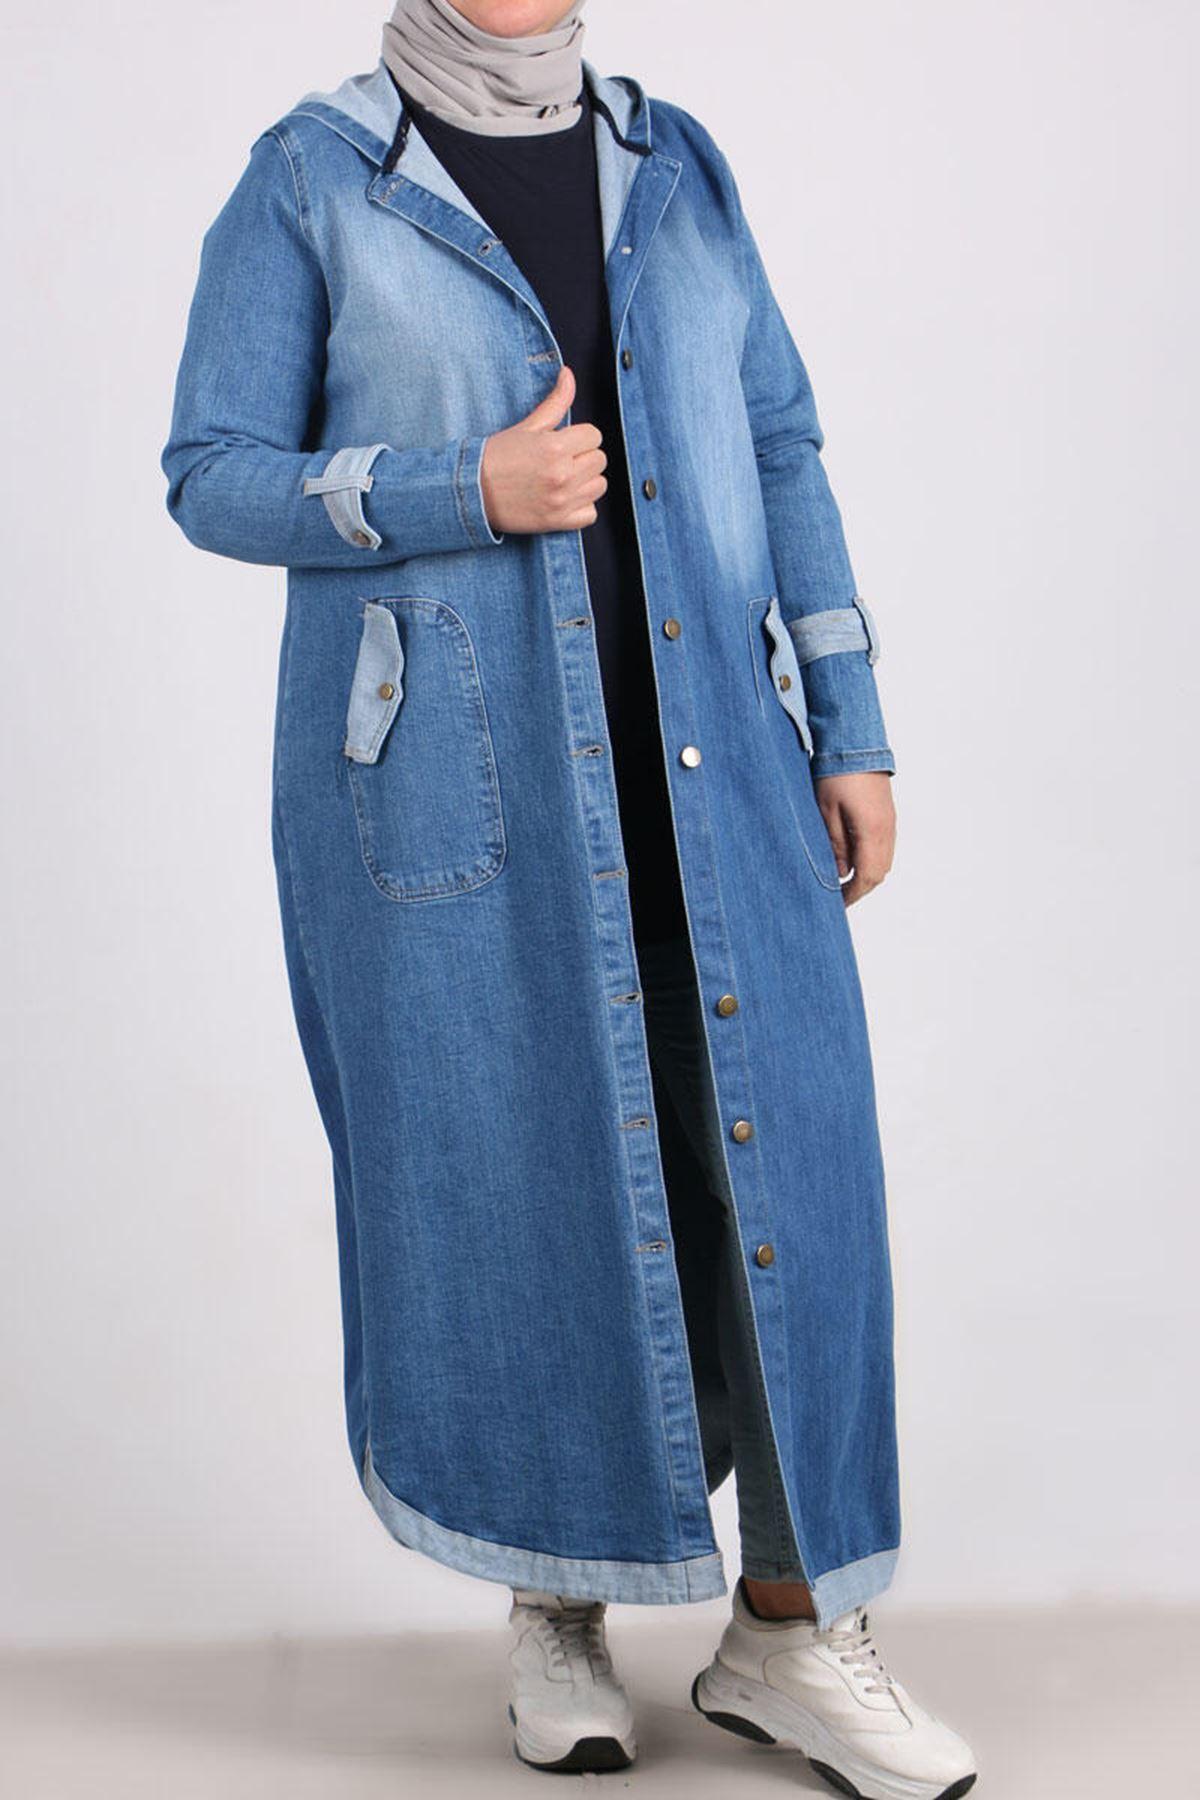 3142 كاب جينز بقبعة  و مقاس كبير - أزرق فاتح